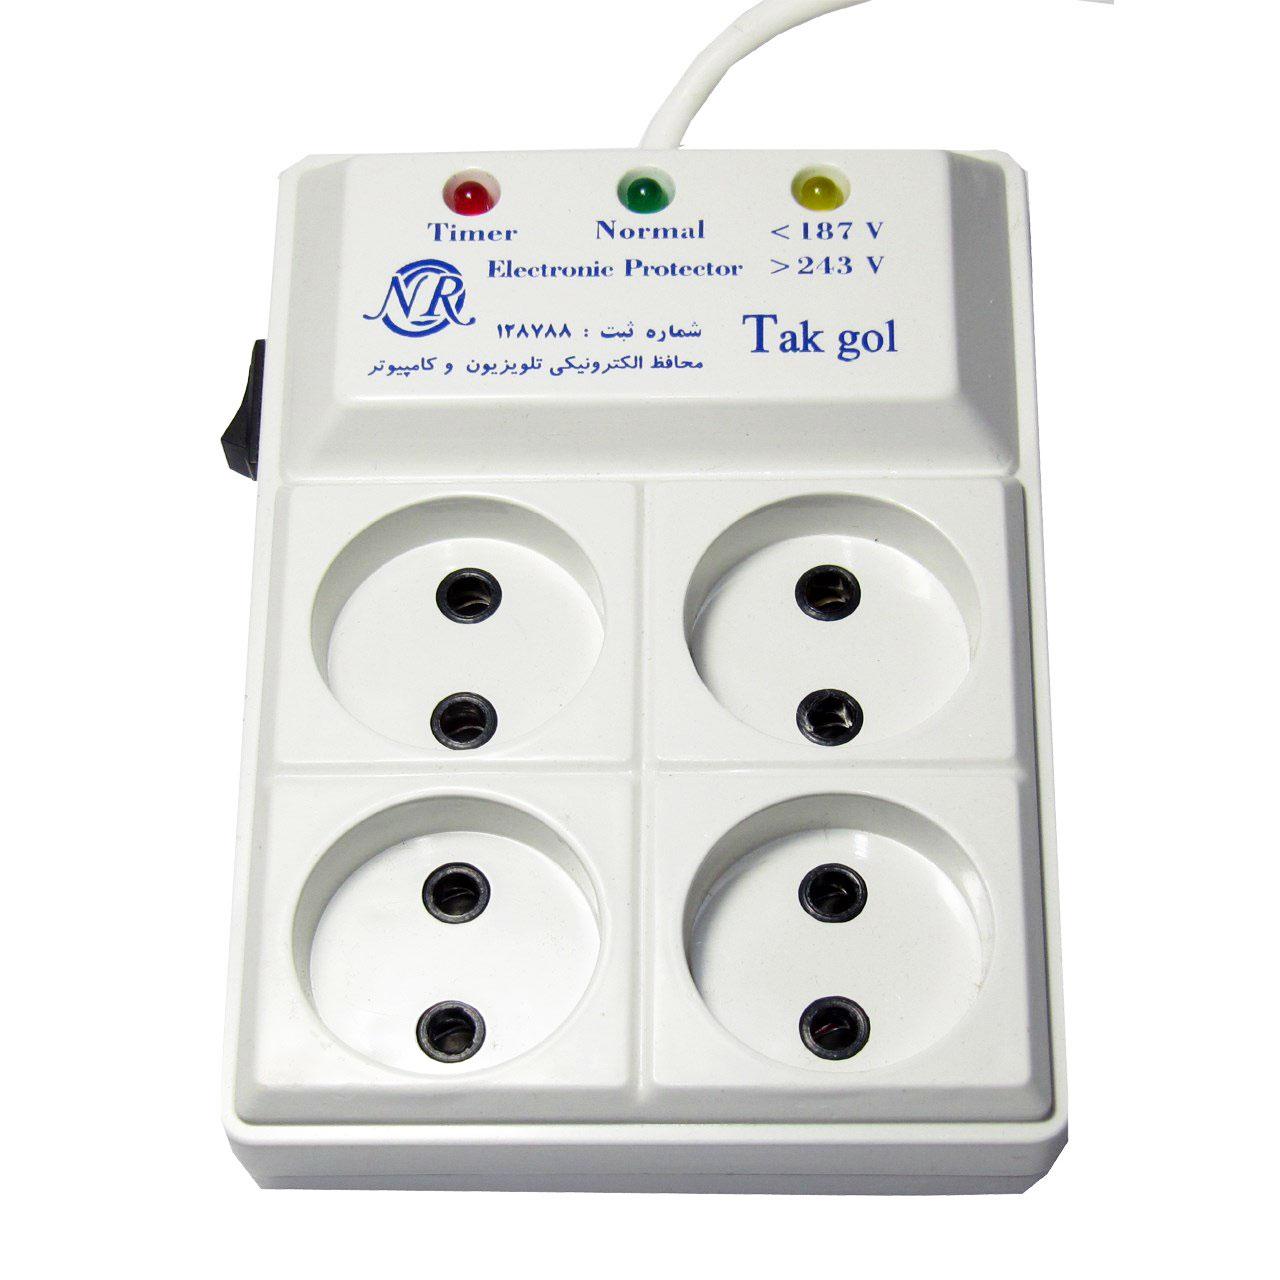 محافظ ولتاژ و چند راهی برق تک گل مدل Electronic 4 Sochets